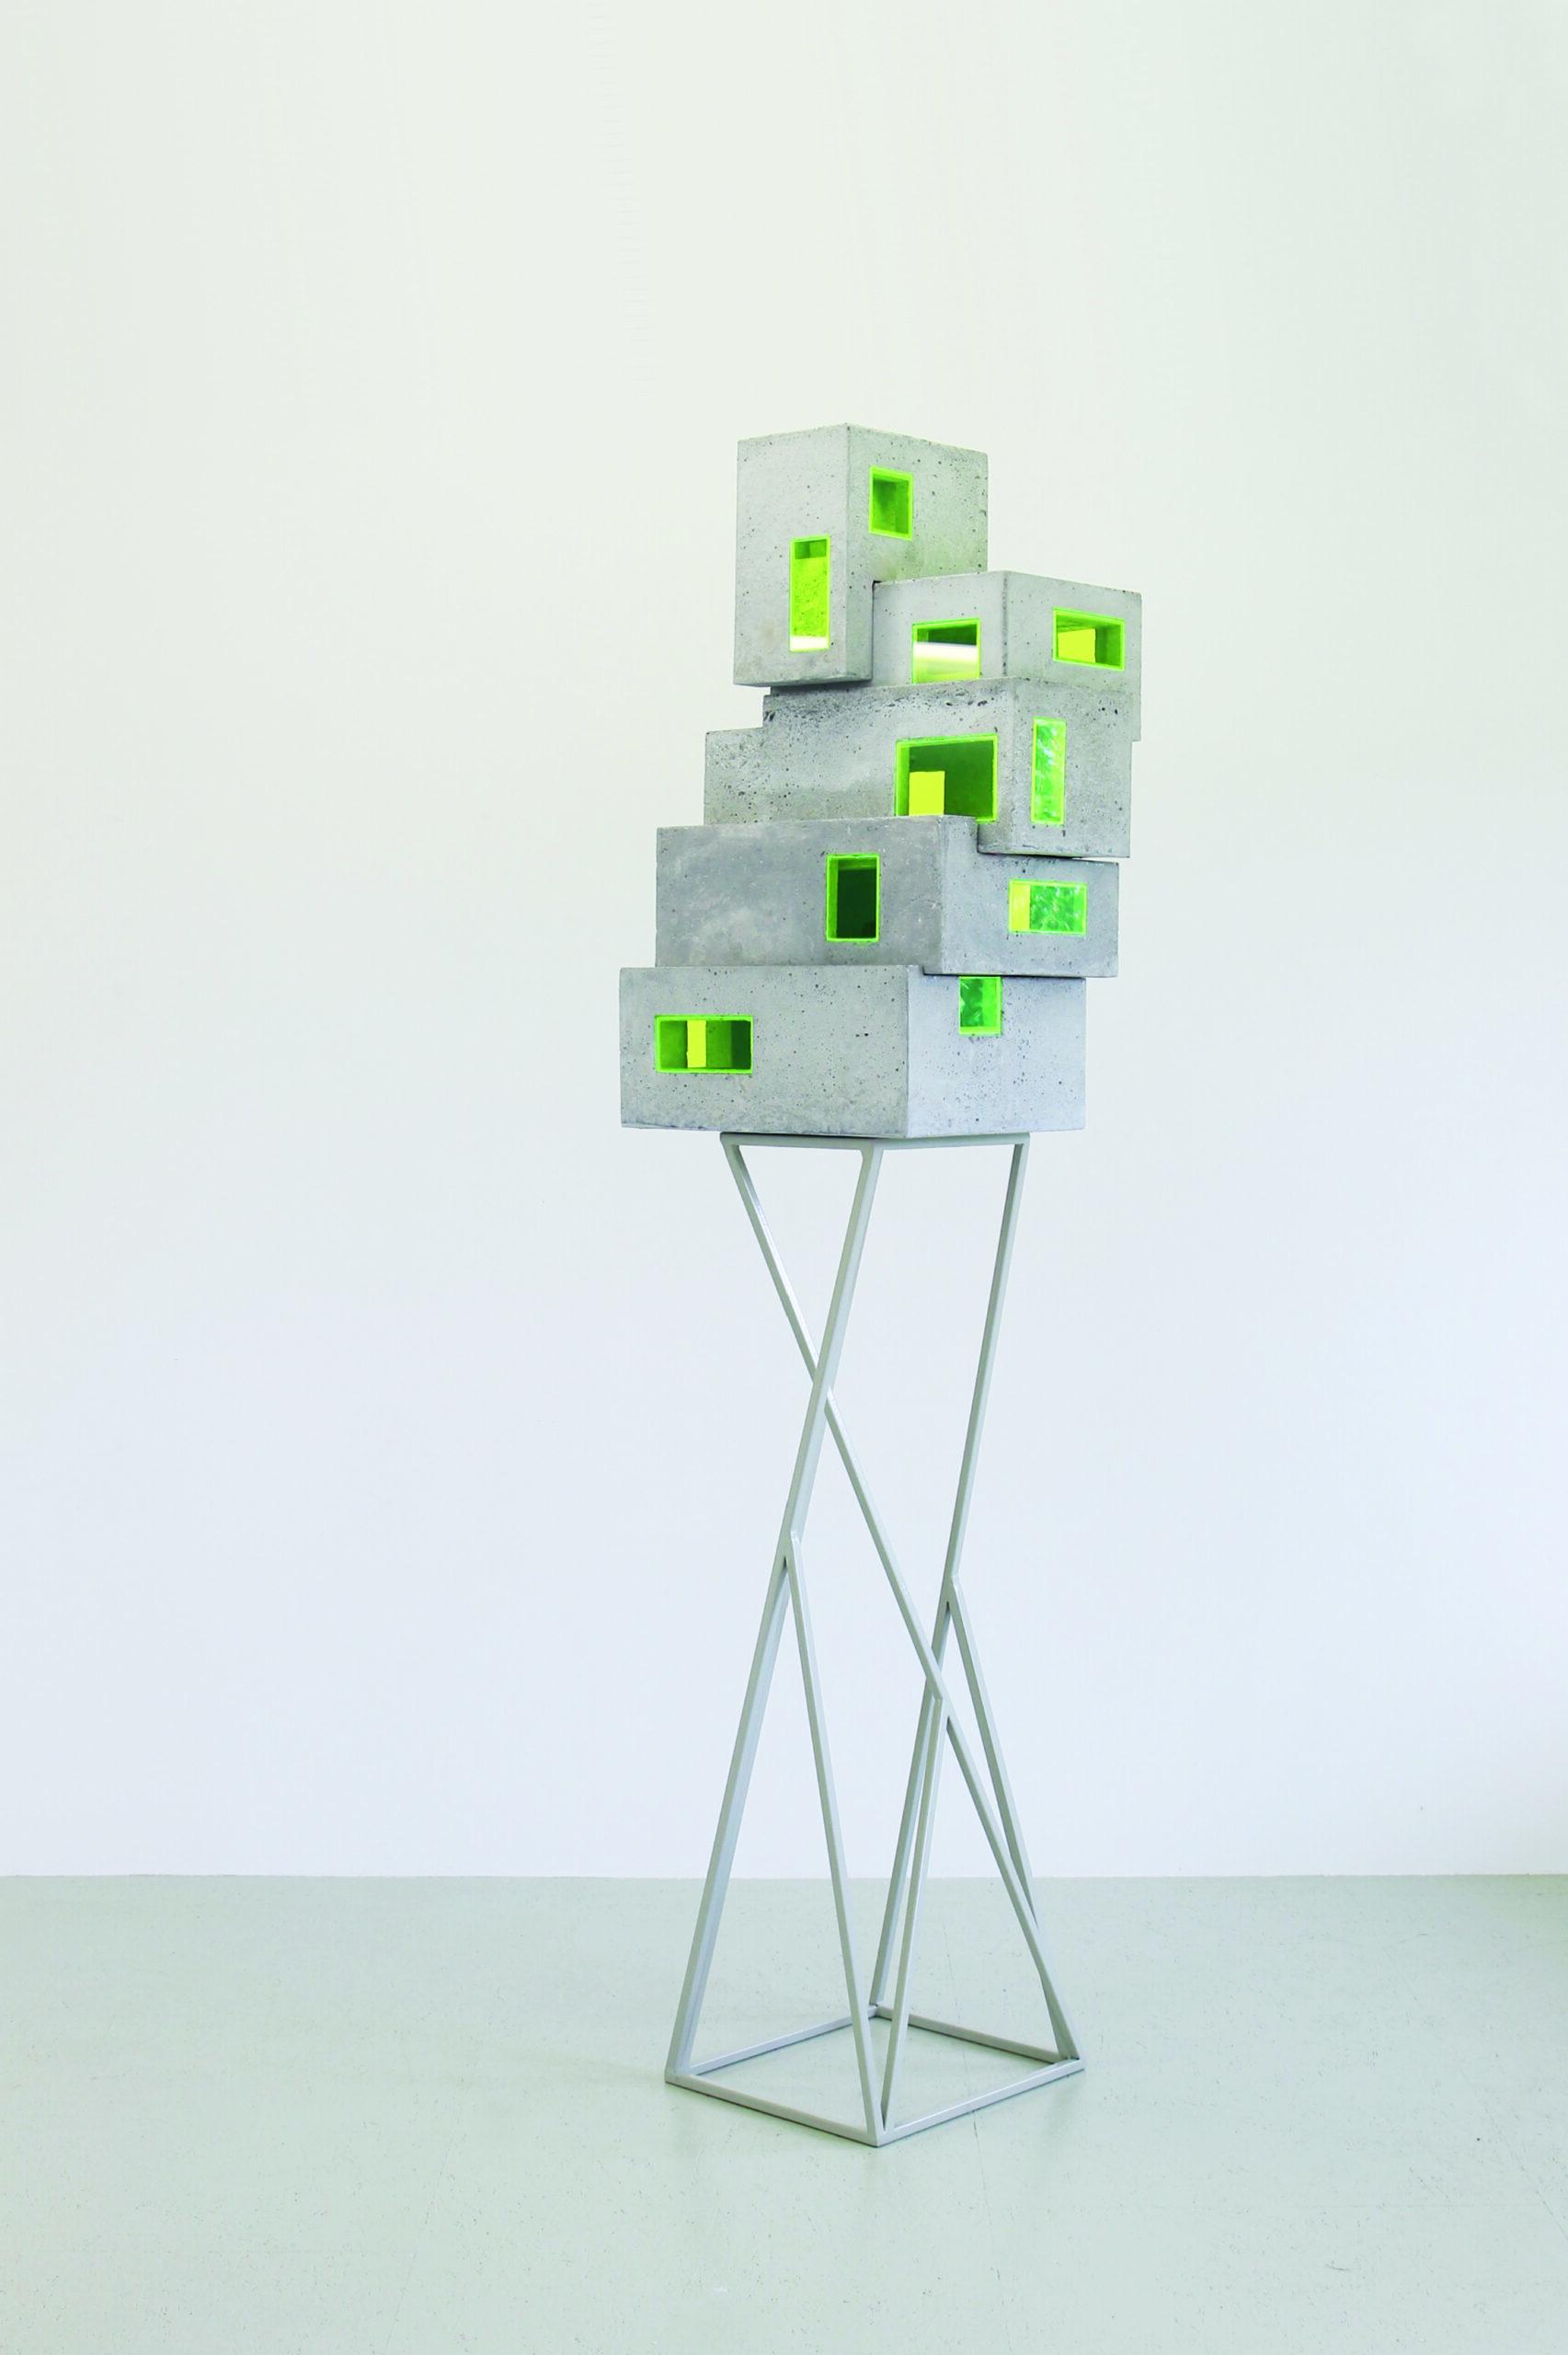 Z [stabiles Ungleichgewicht ]  | 2019 | Beton, Acrylglas, Metall | 50 x 33 x 200 cm